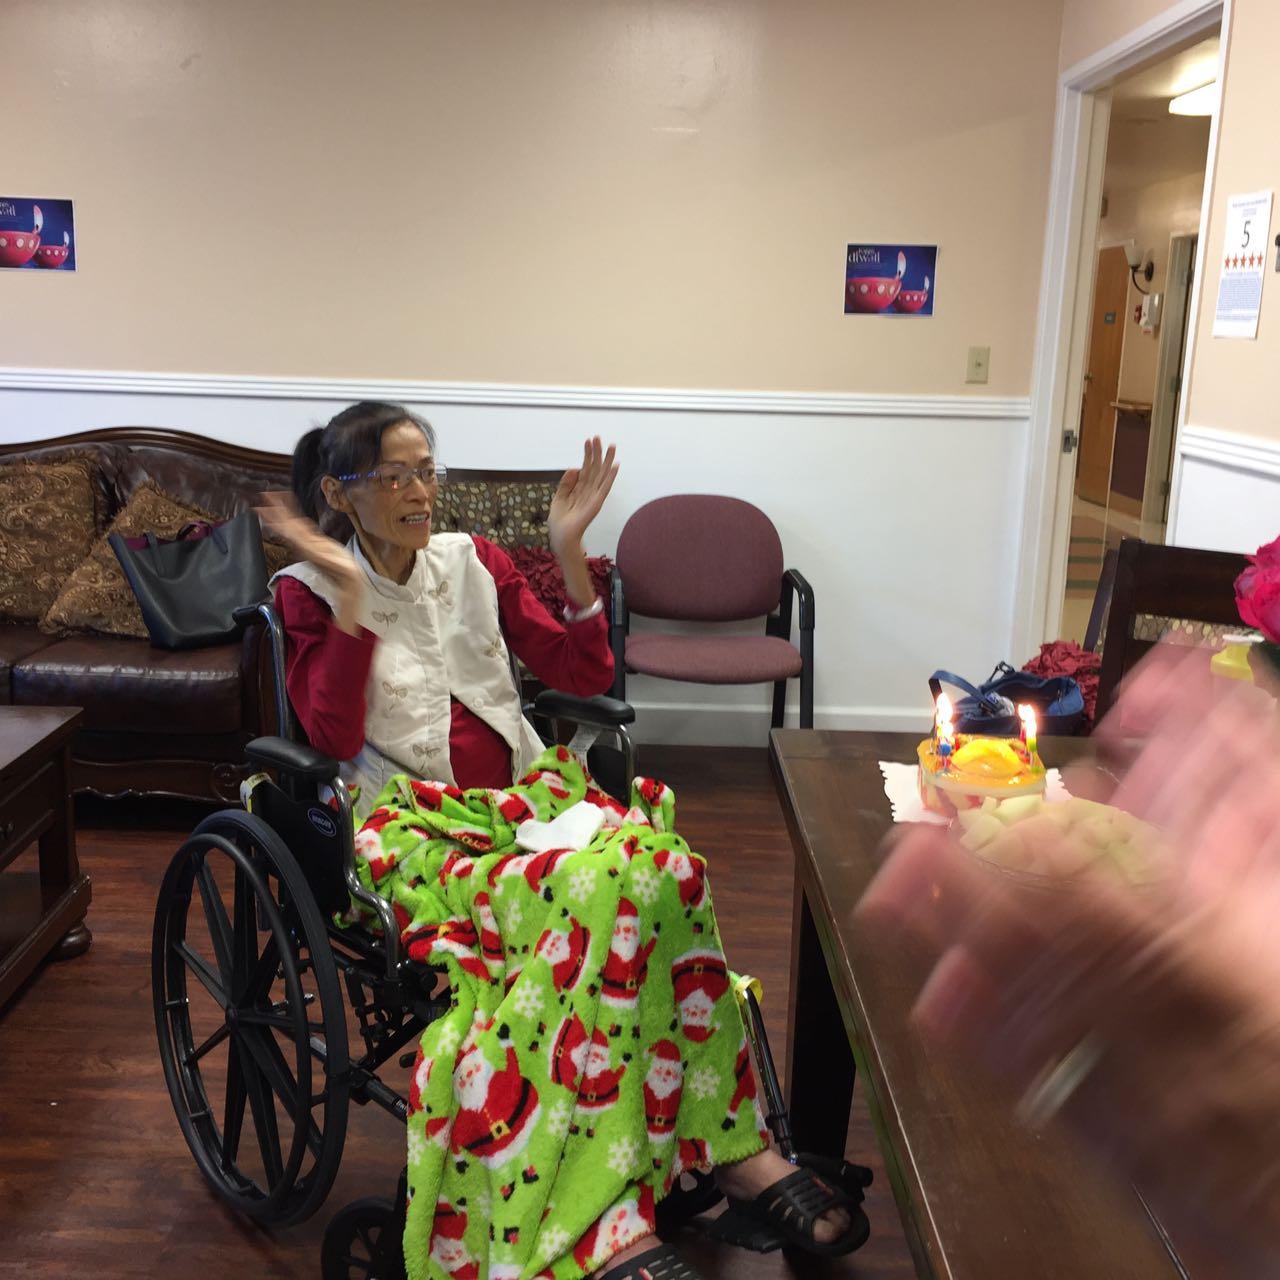 丁丁姊妹也拍起手来一通欢乐地领受生日祝福